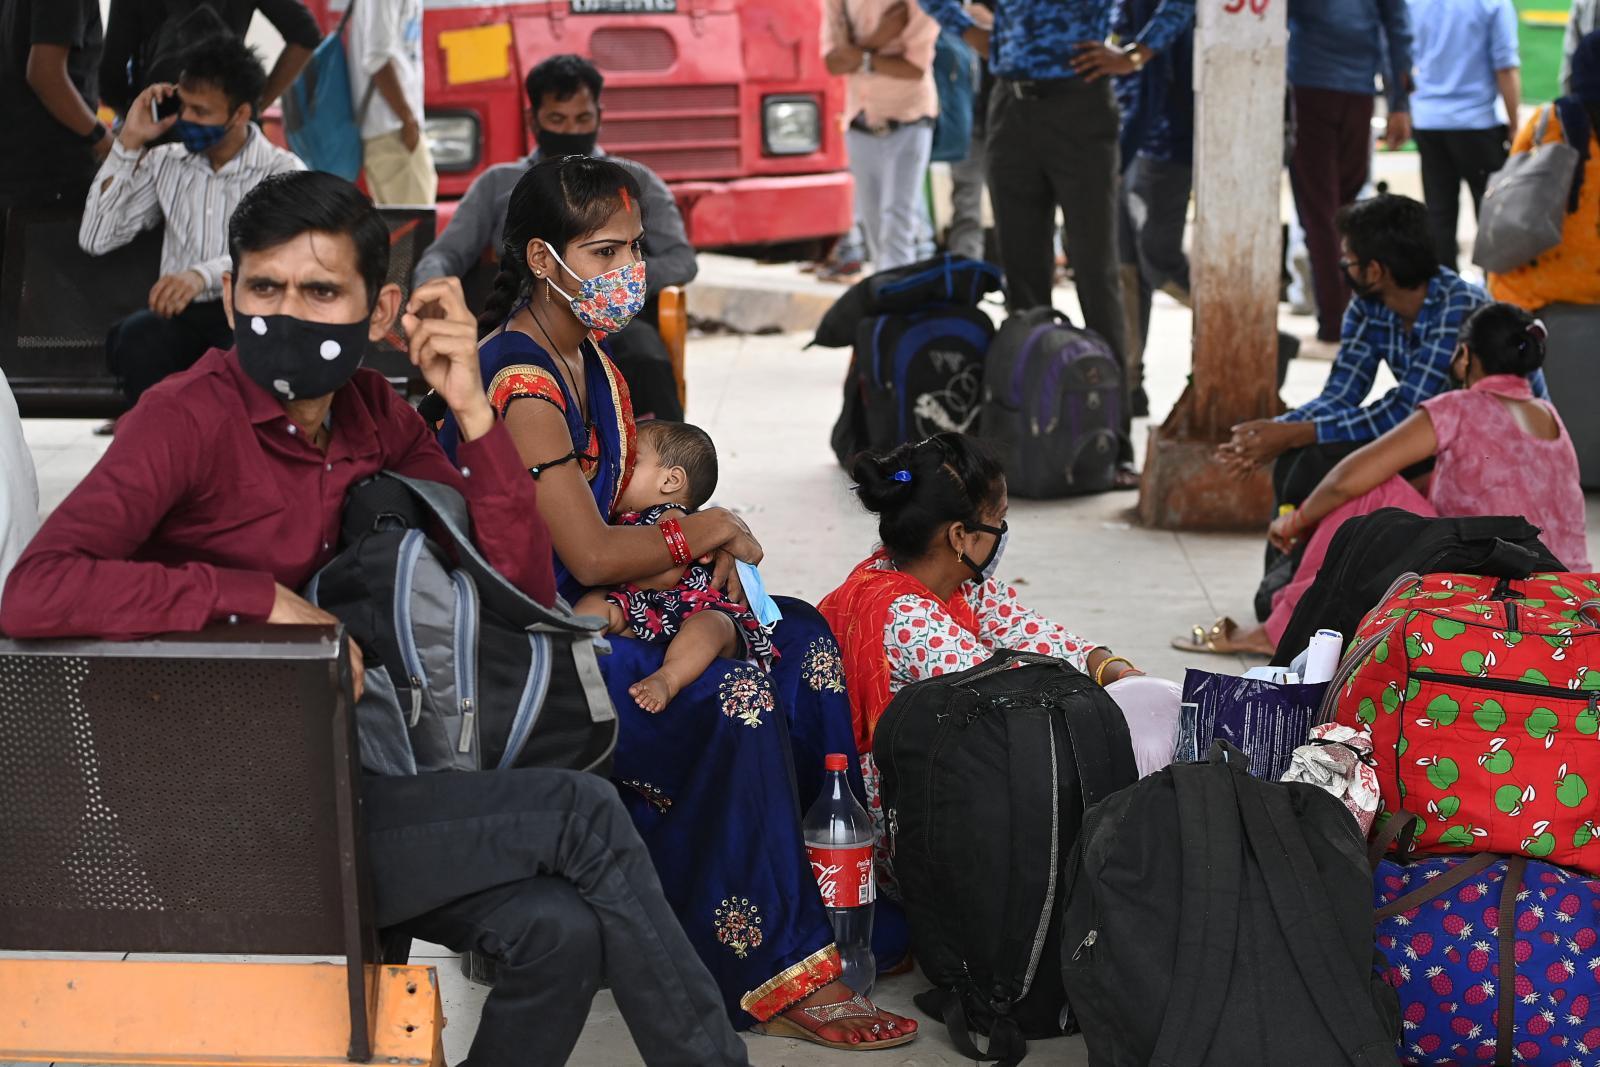 WHO ประกาศโควิดกลายพันธุ์อินเดีย น่ากังวลระดับโลก